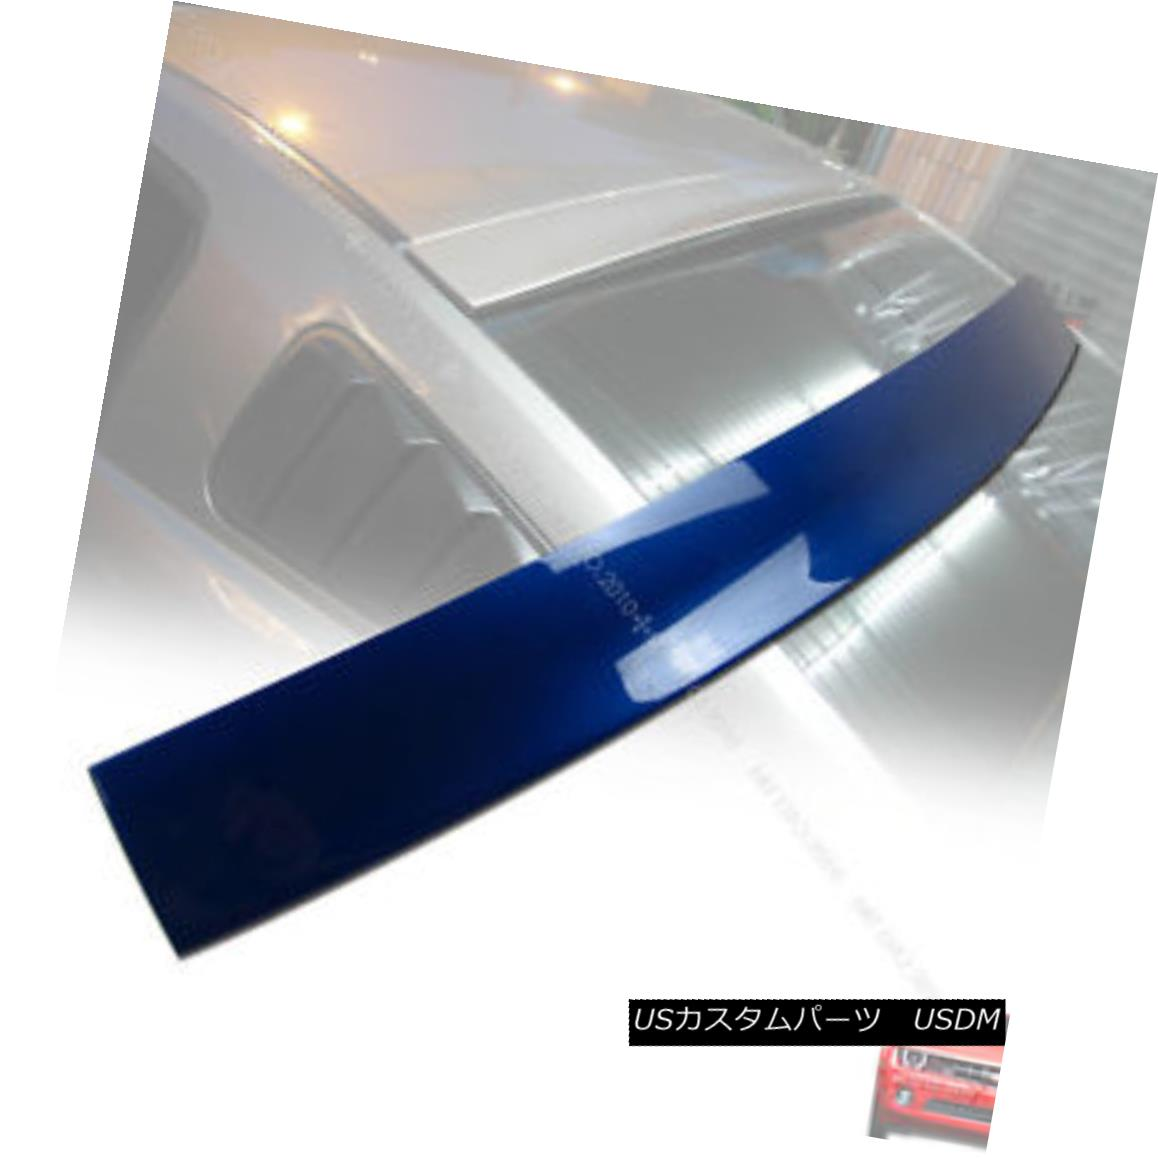 エアロパーツ Ford Mustang 2DR Coupe Rear Roof Spoiler Wing Painted 2005-2014 § フォードマスタング2DRクーペリア屋根スポイラー翼2005-2014塗装